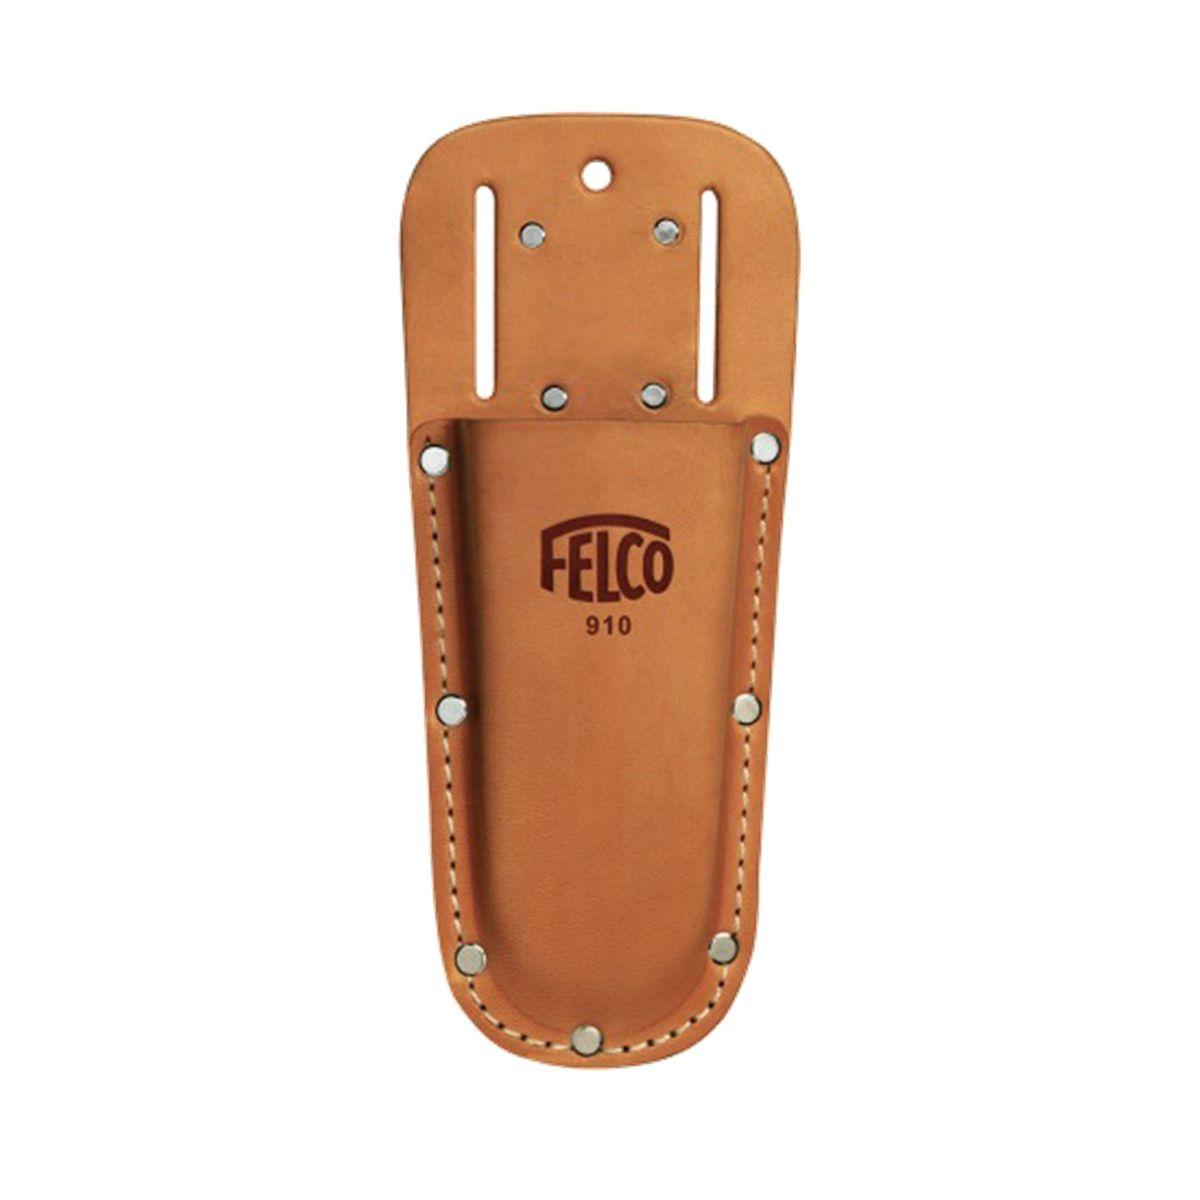 felco 2 klapps ge 600 ledertr ger 910 hochleistungs baum und gartenschere freizeit garten. Black Bedroom Furniture Sets. Home Design Ideas